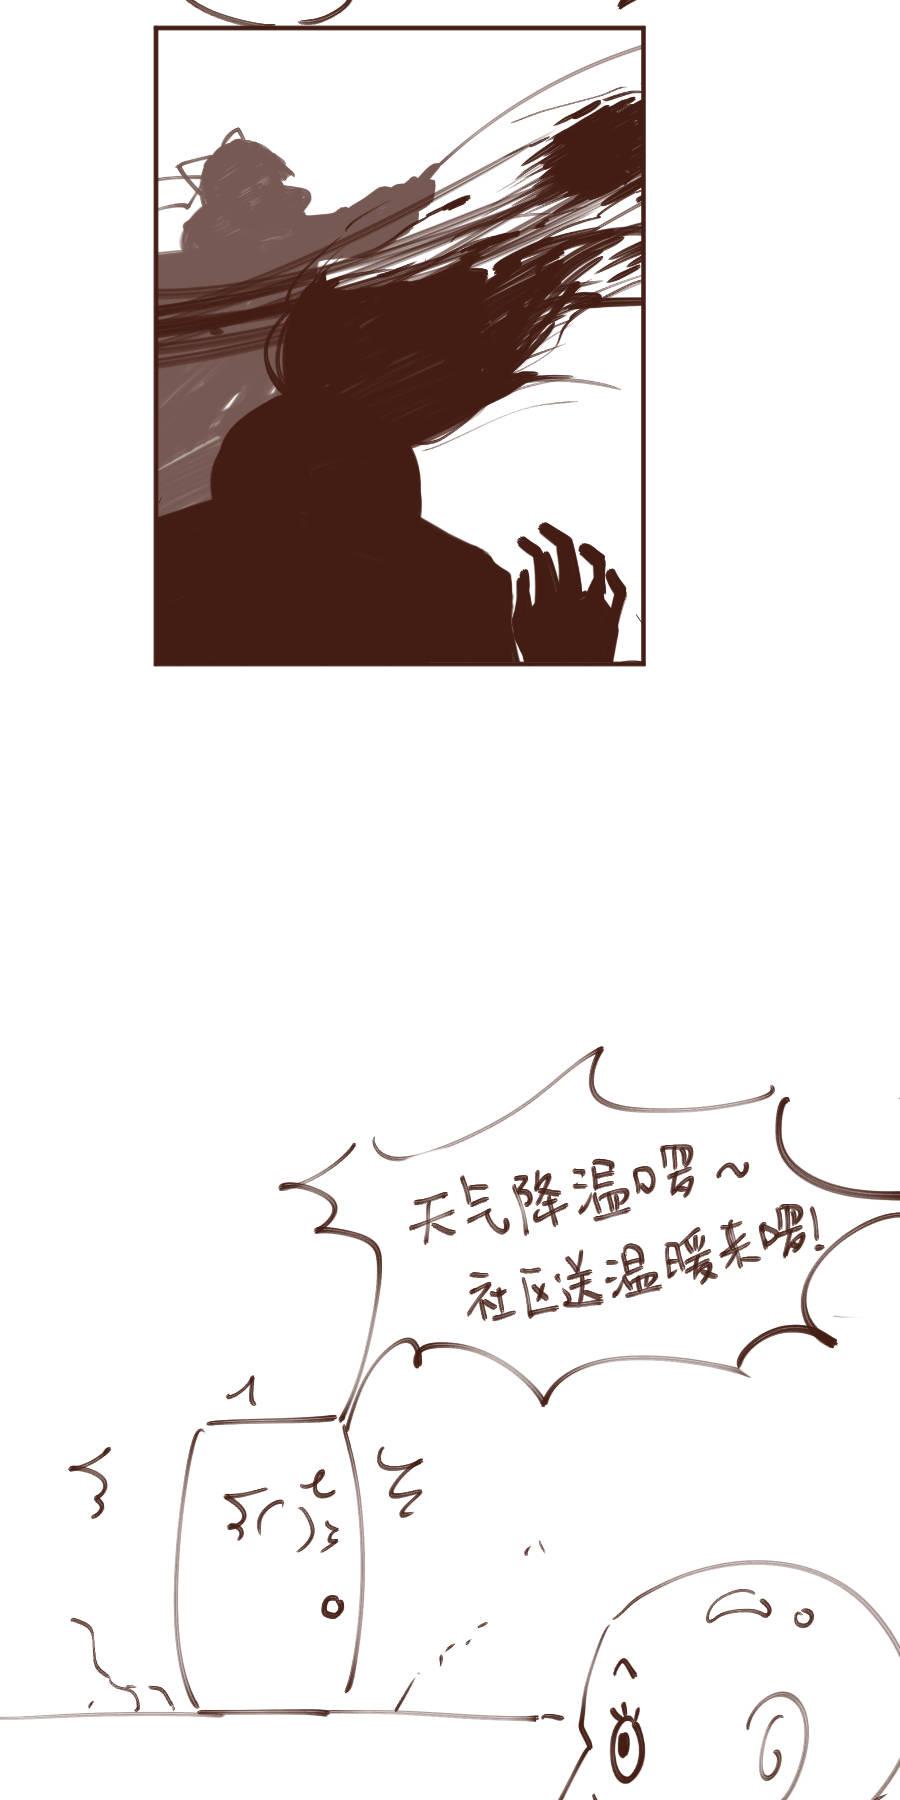 盛世帝王妃第103话  卧虎藏龙 第 25